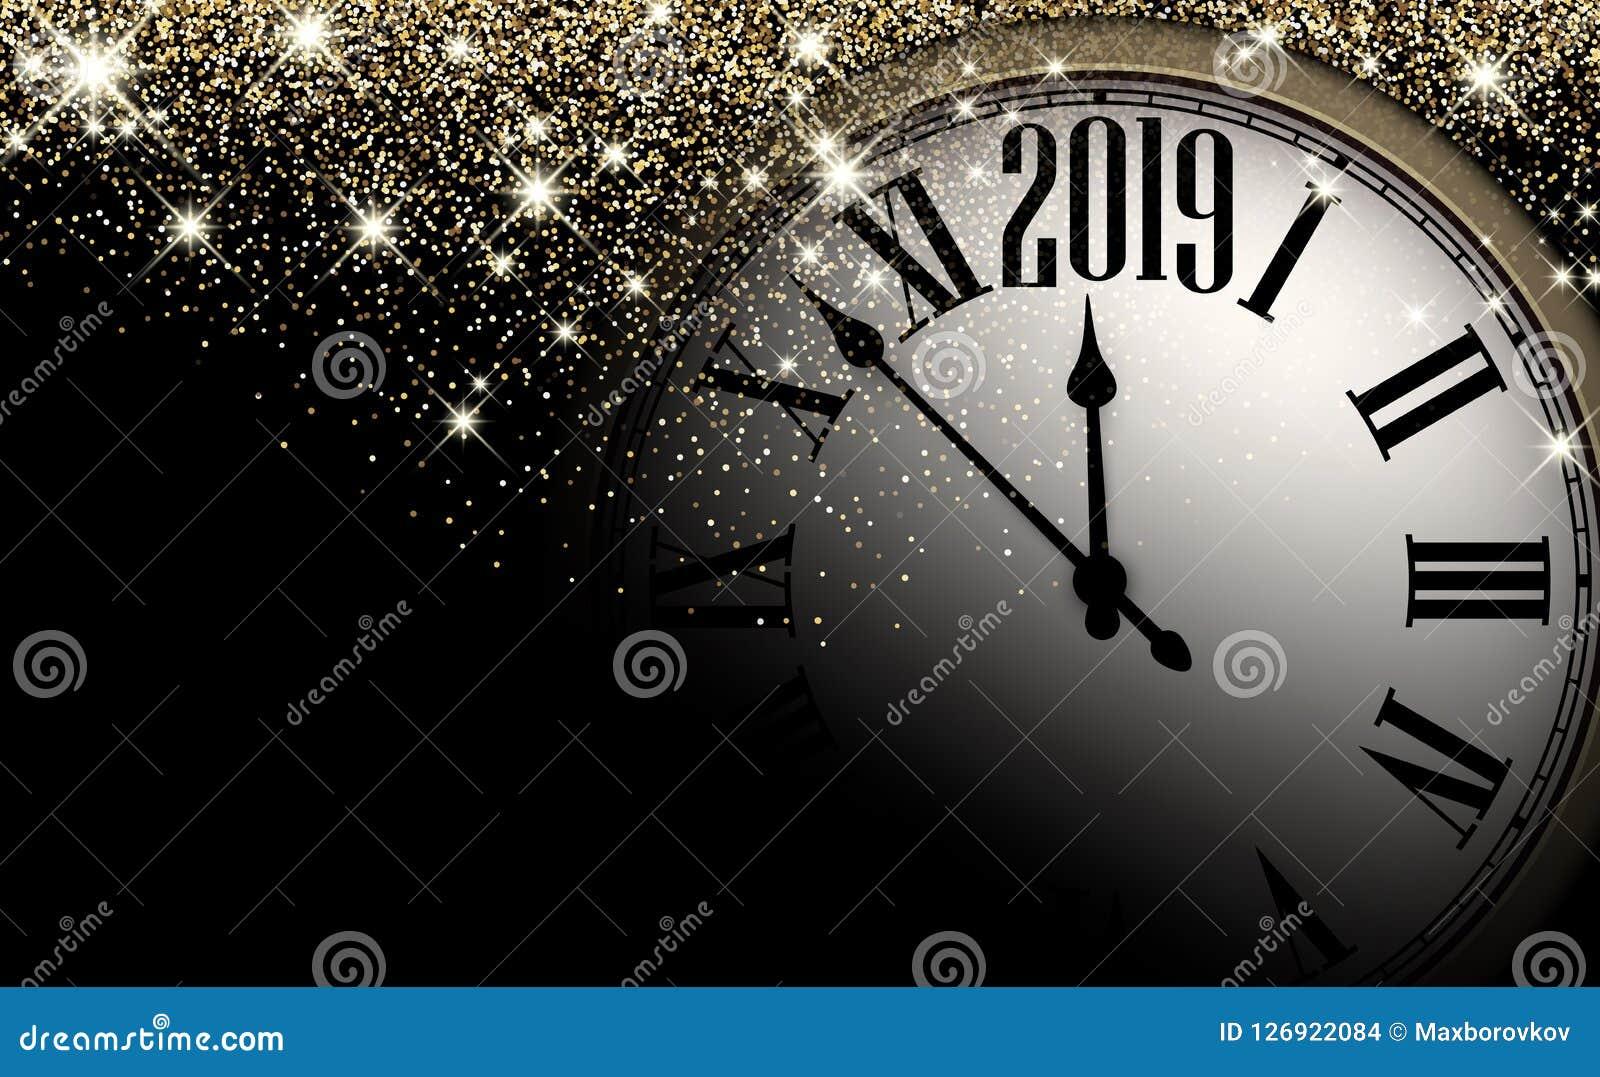 Złocisty błyszczący 2019 nowy rok tło z zegarem 2007 pozdrowienia karty szczęśliwych nowego roku